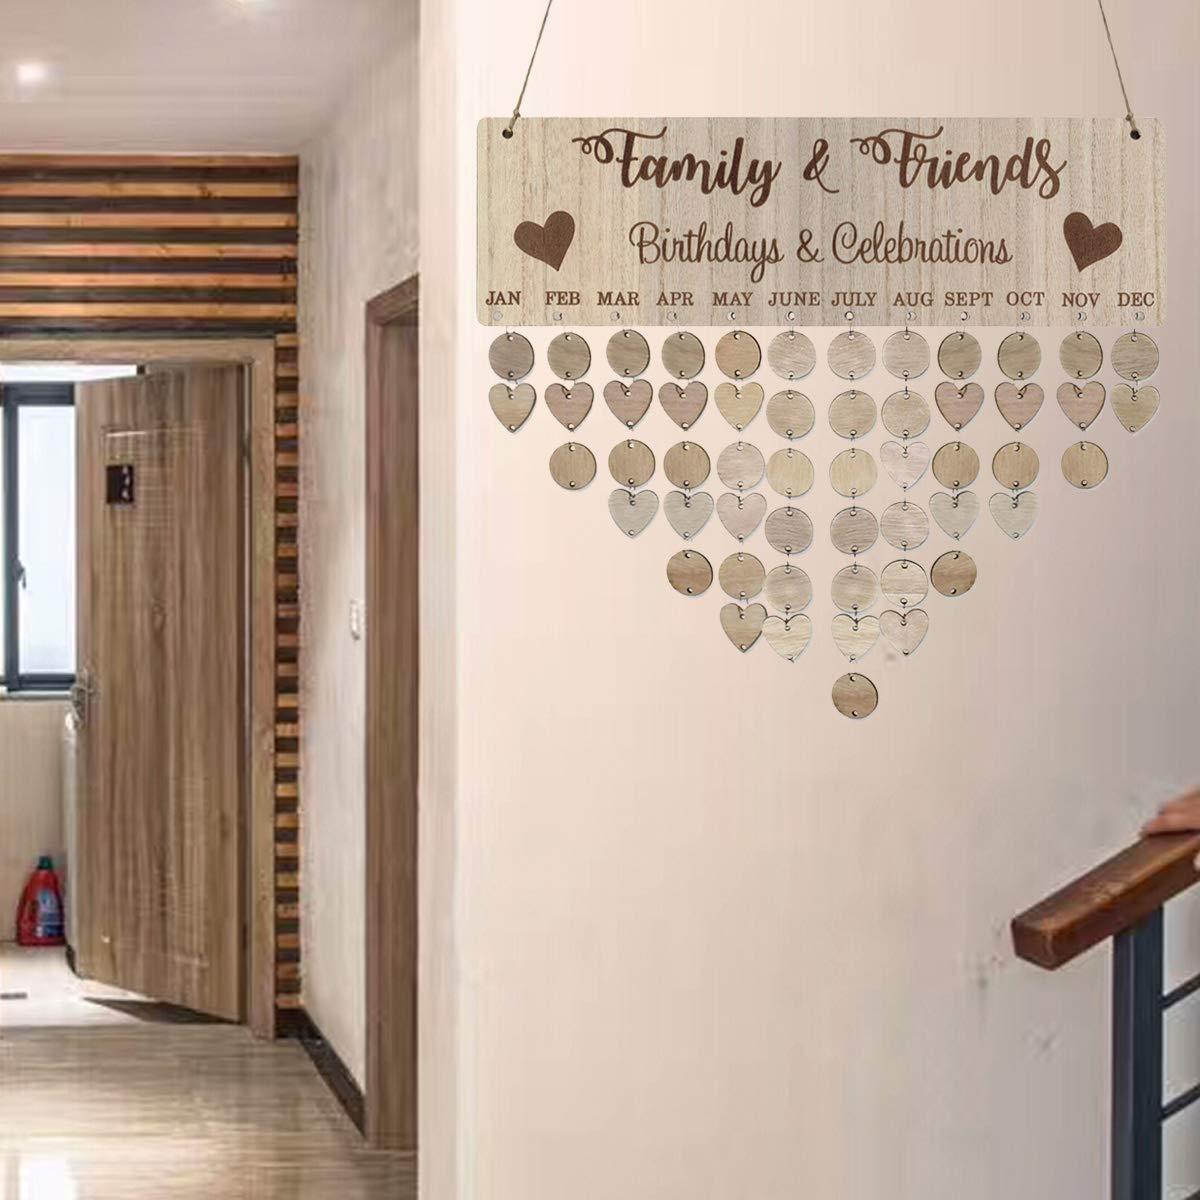 Garneck Nordischen Stil Familie und Freunde Geburtstage und Feiern Erinnerung Kalender aus Holz DIY Kalender Geburtstag Jubil/äum Erinnerung h/ängende Dekoration 1 St/ück